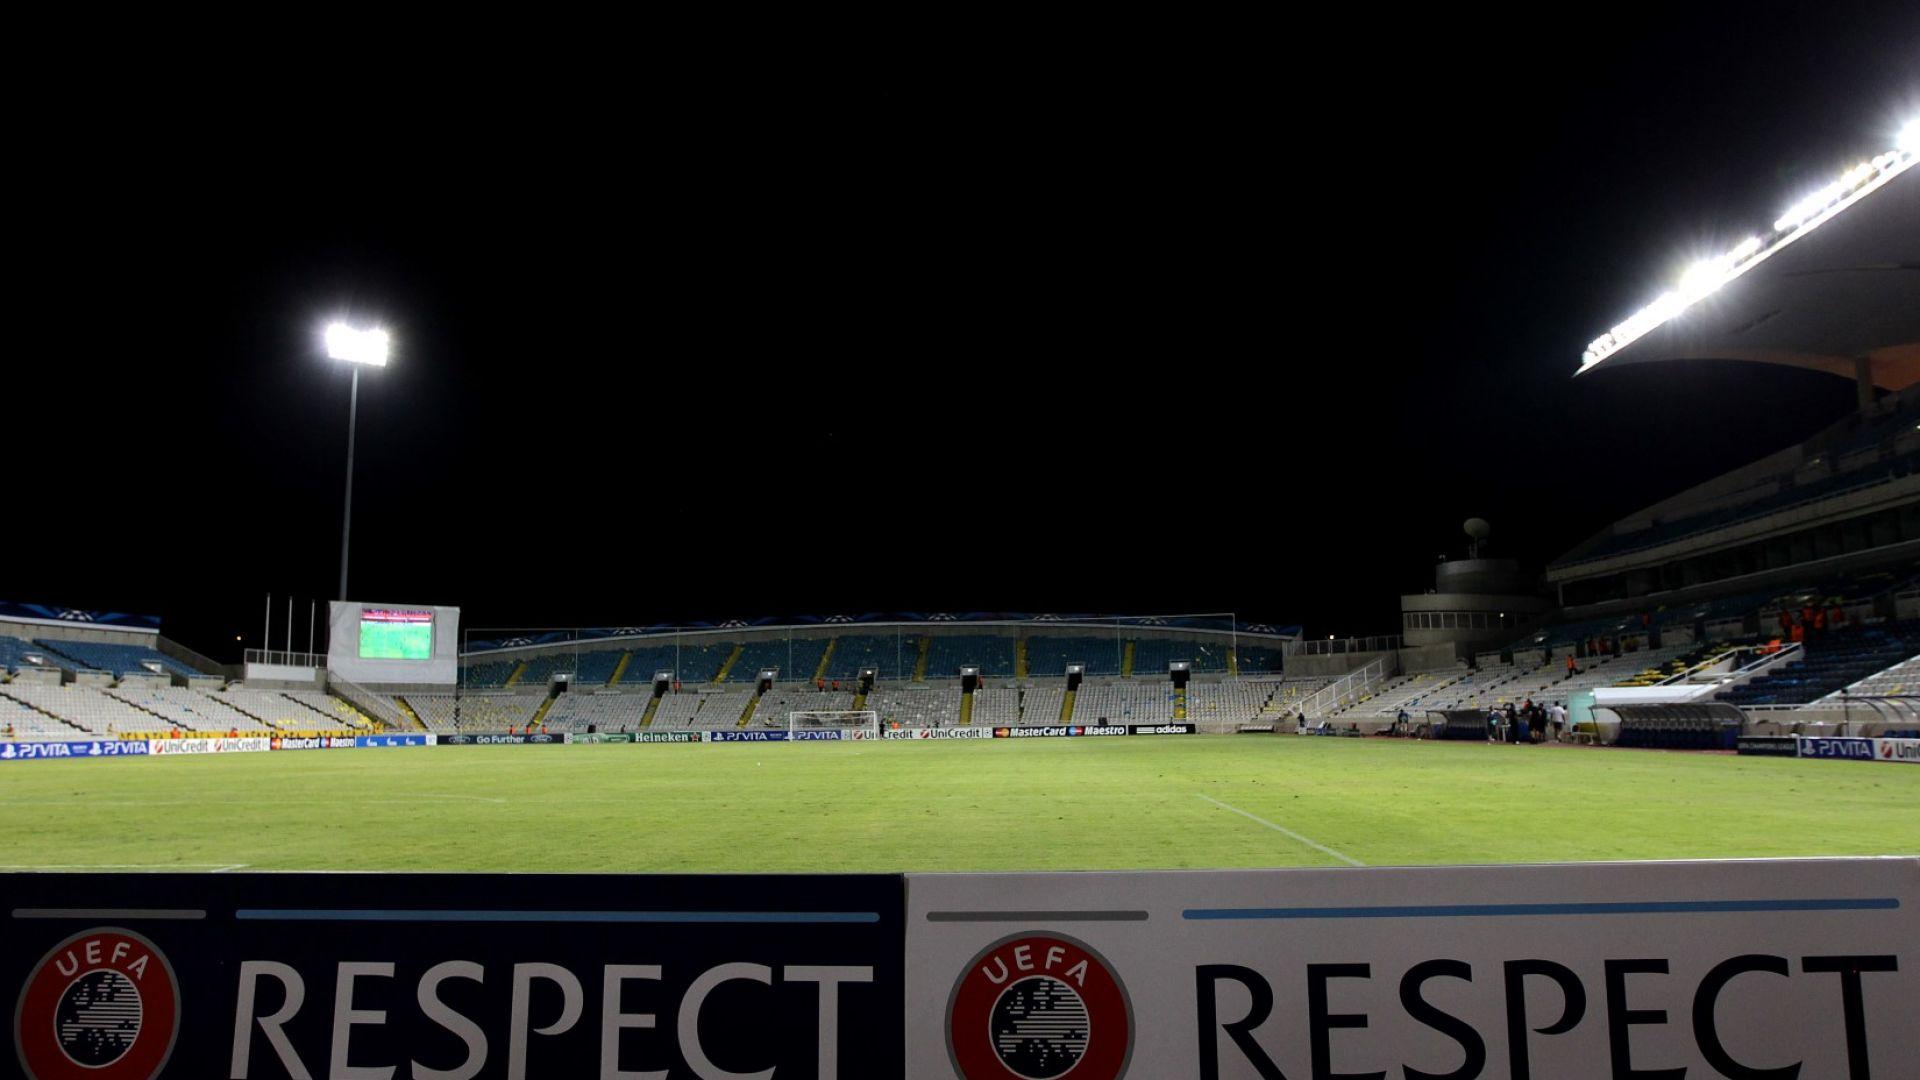 УЕФА спря мачове в Кипър заради подозрения в уговорки